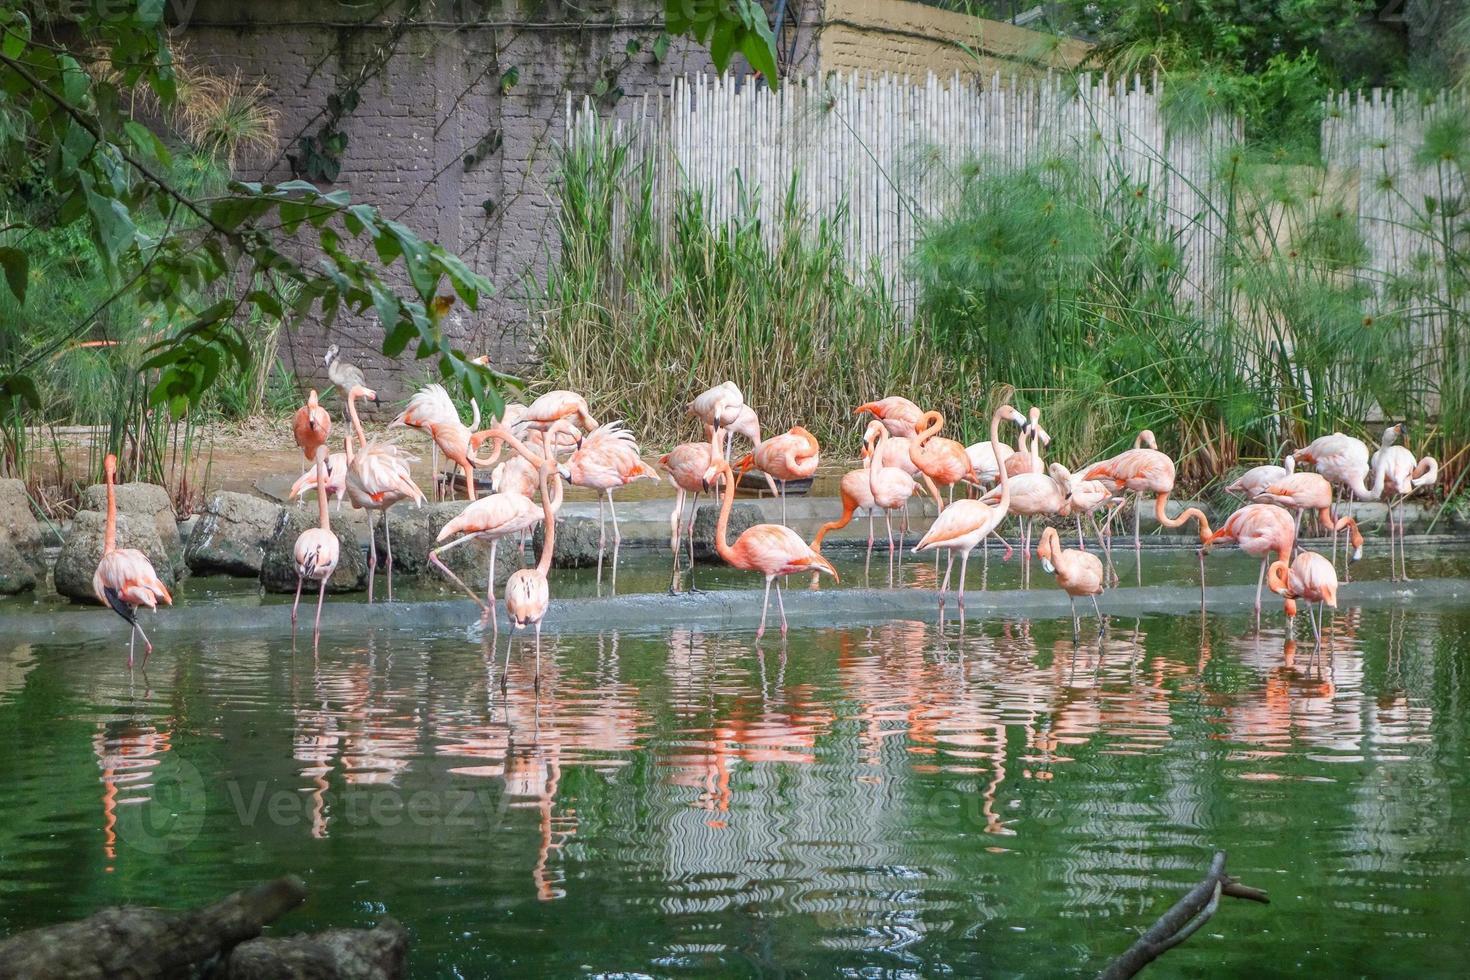 oiseaux flamants roses dans un étang photo